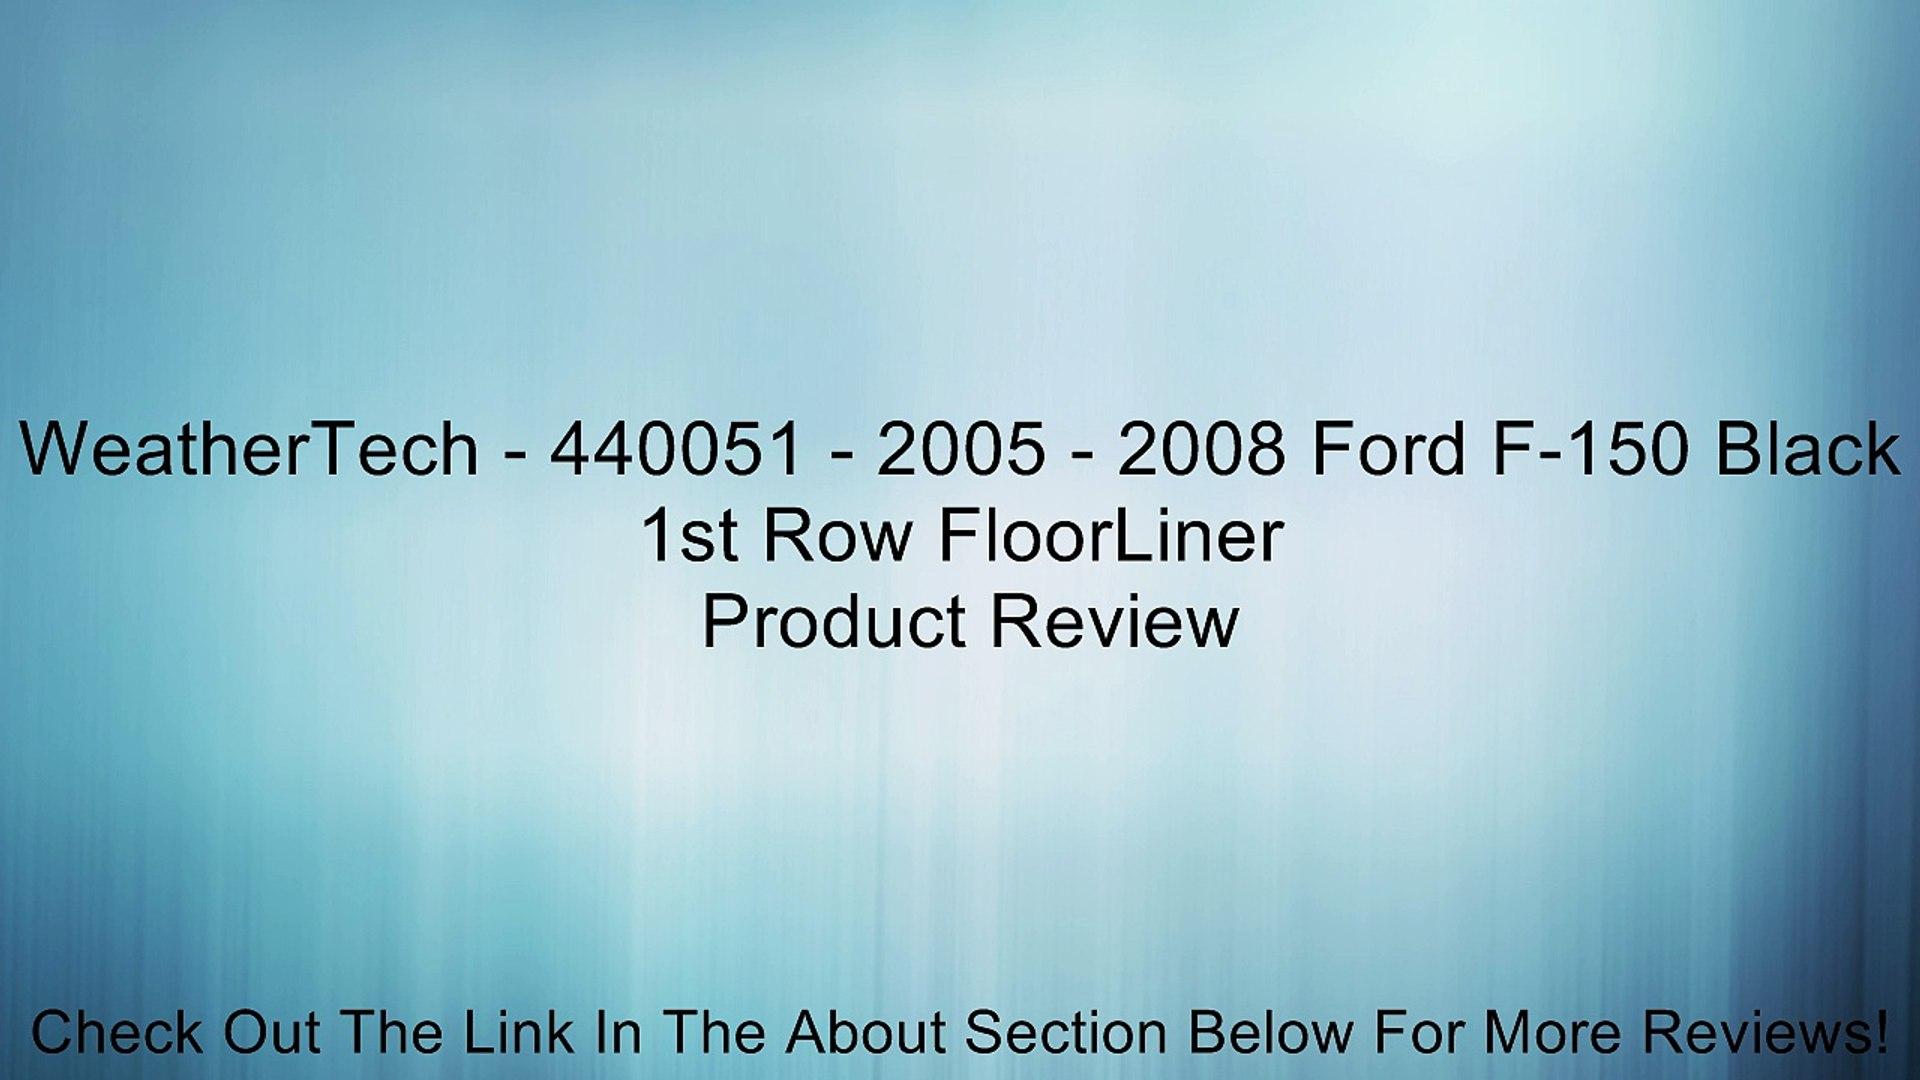 Daystar KF71018 Black Upper Dash Panel for 2004-2008 Ford F-150 by Daystar